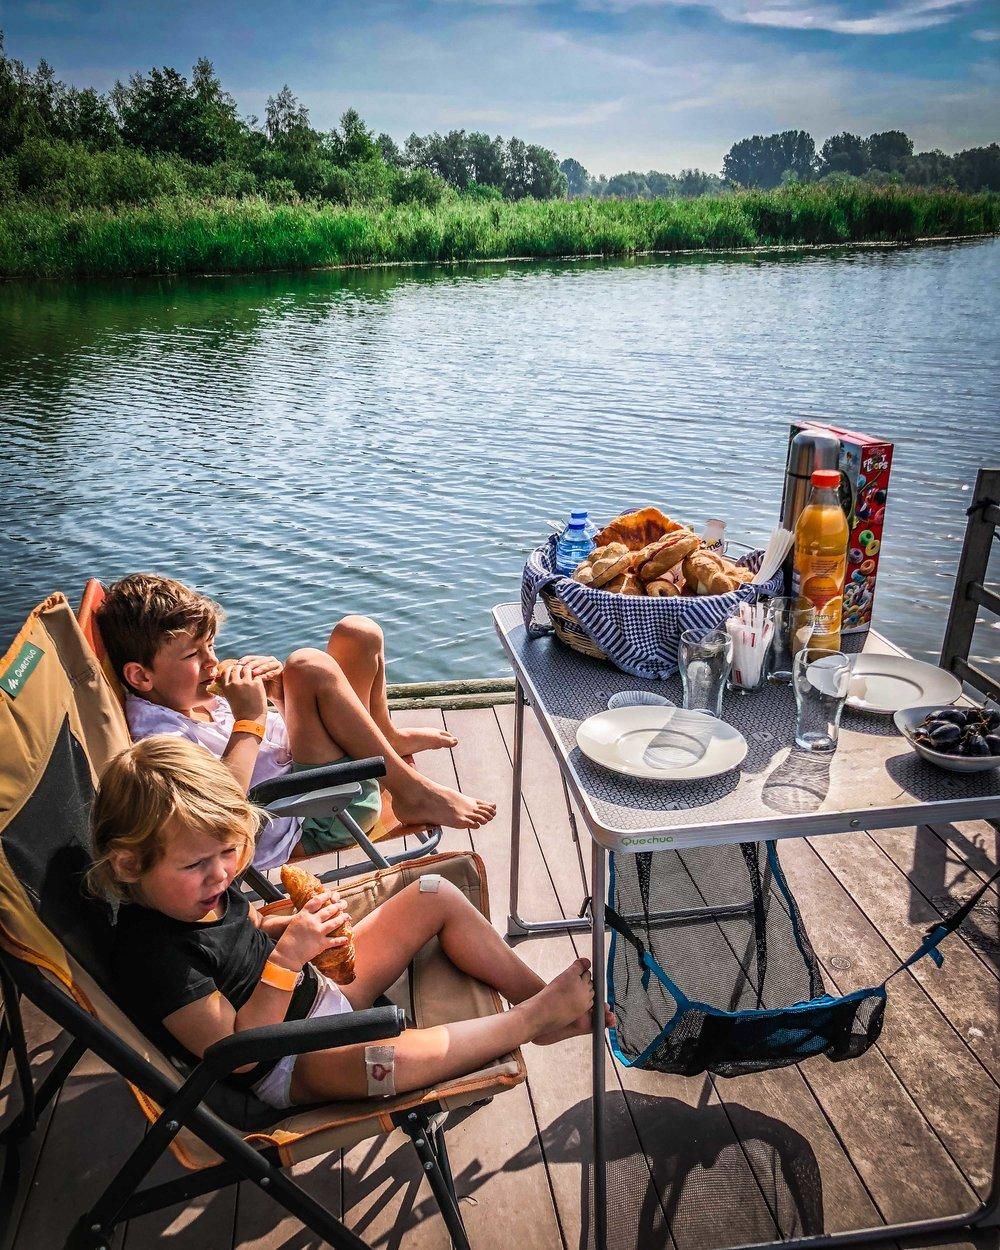 ontbijt op kampeervlot